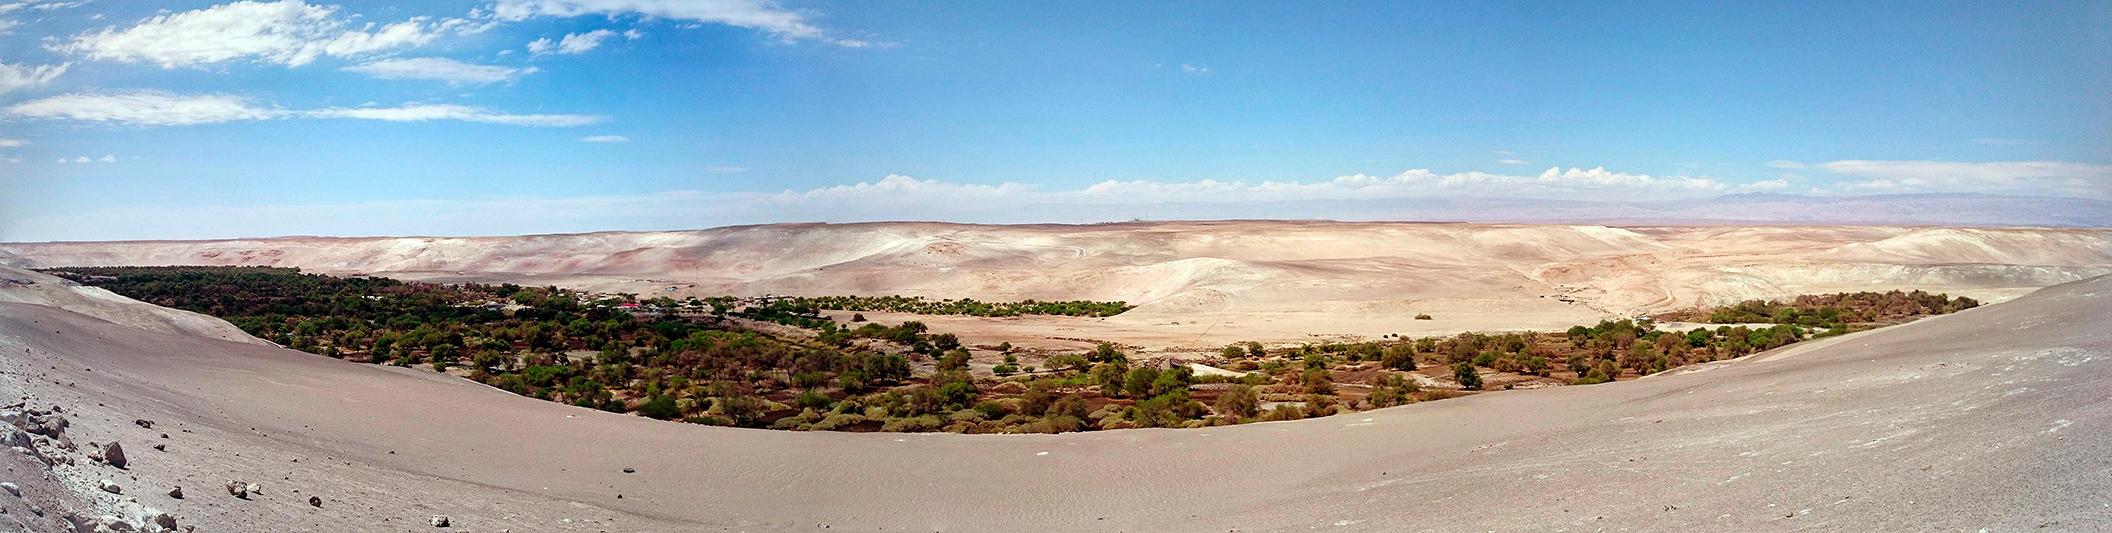 Quillagüita, oasis dans le désert d'Atacama, Chile - 2014